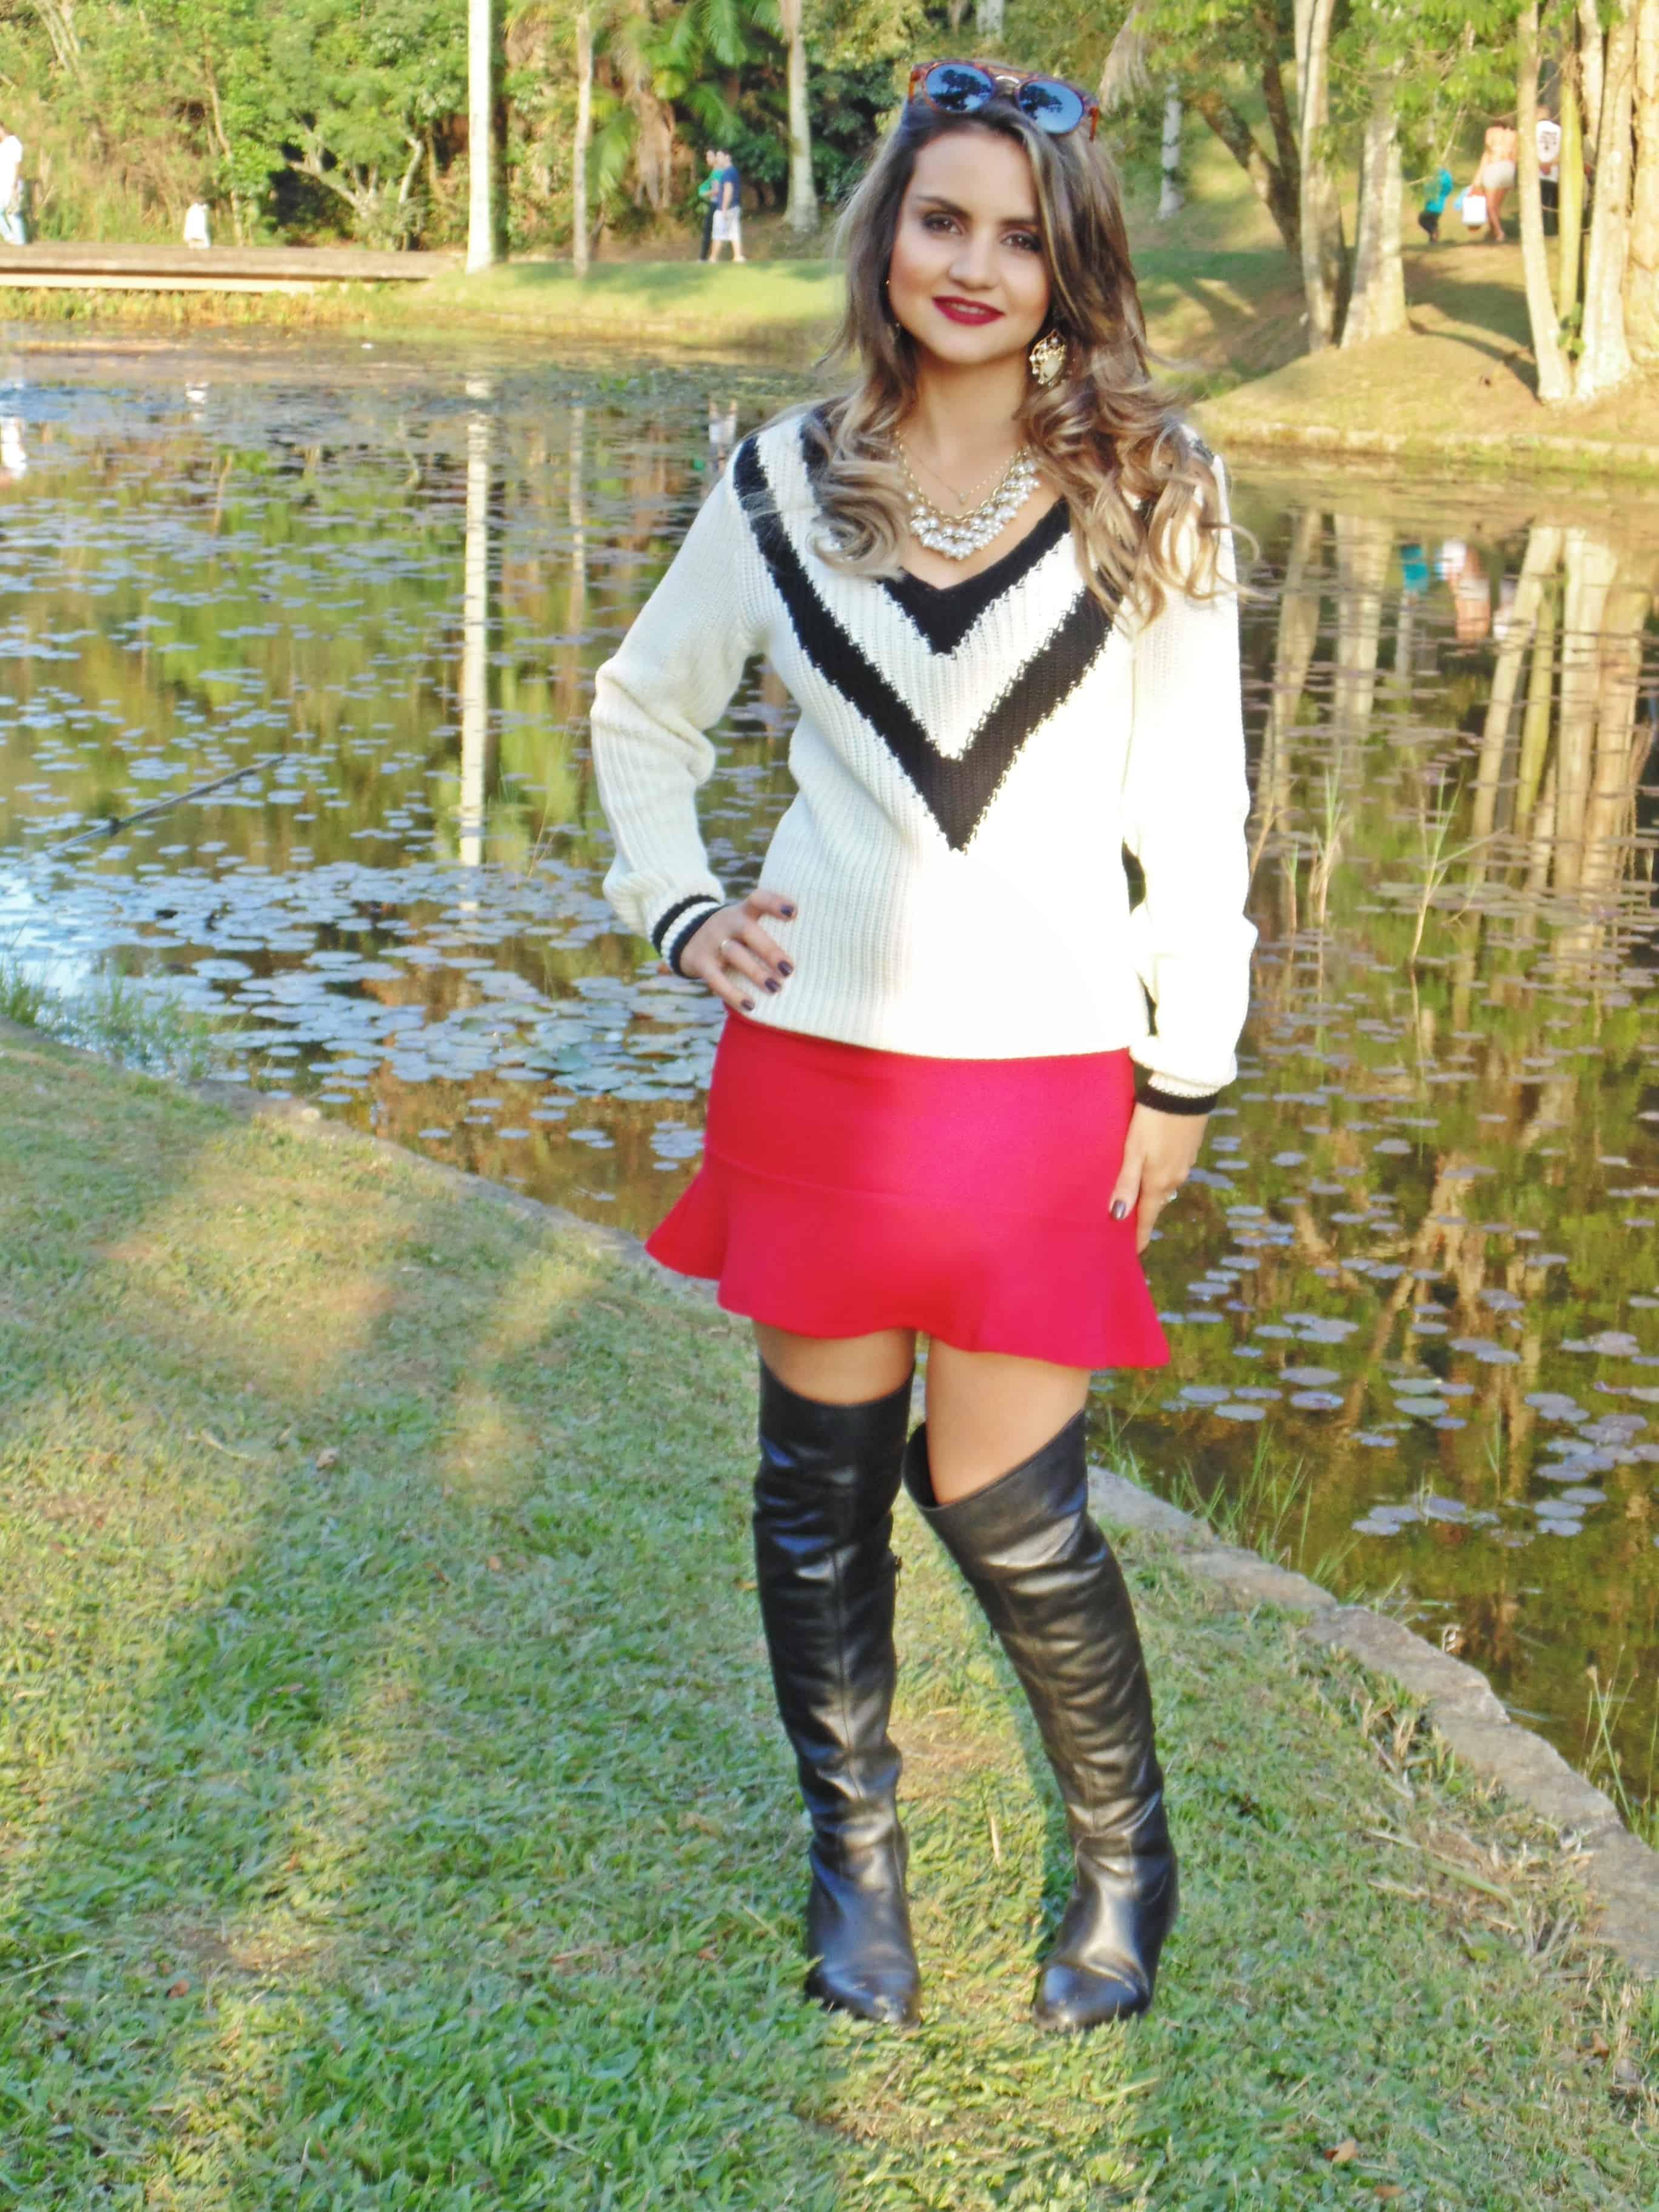 DSC02515 Novidades Loja Online AchadoChique especial Outono Inverno 2015